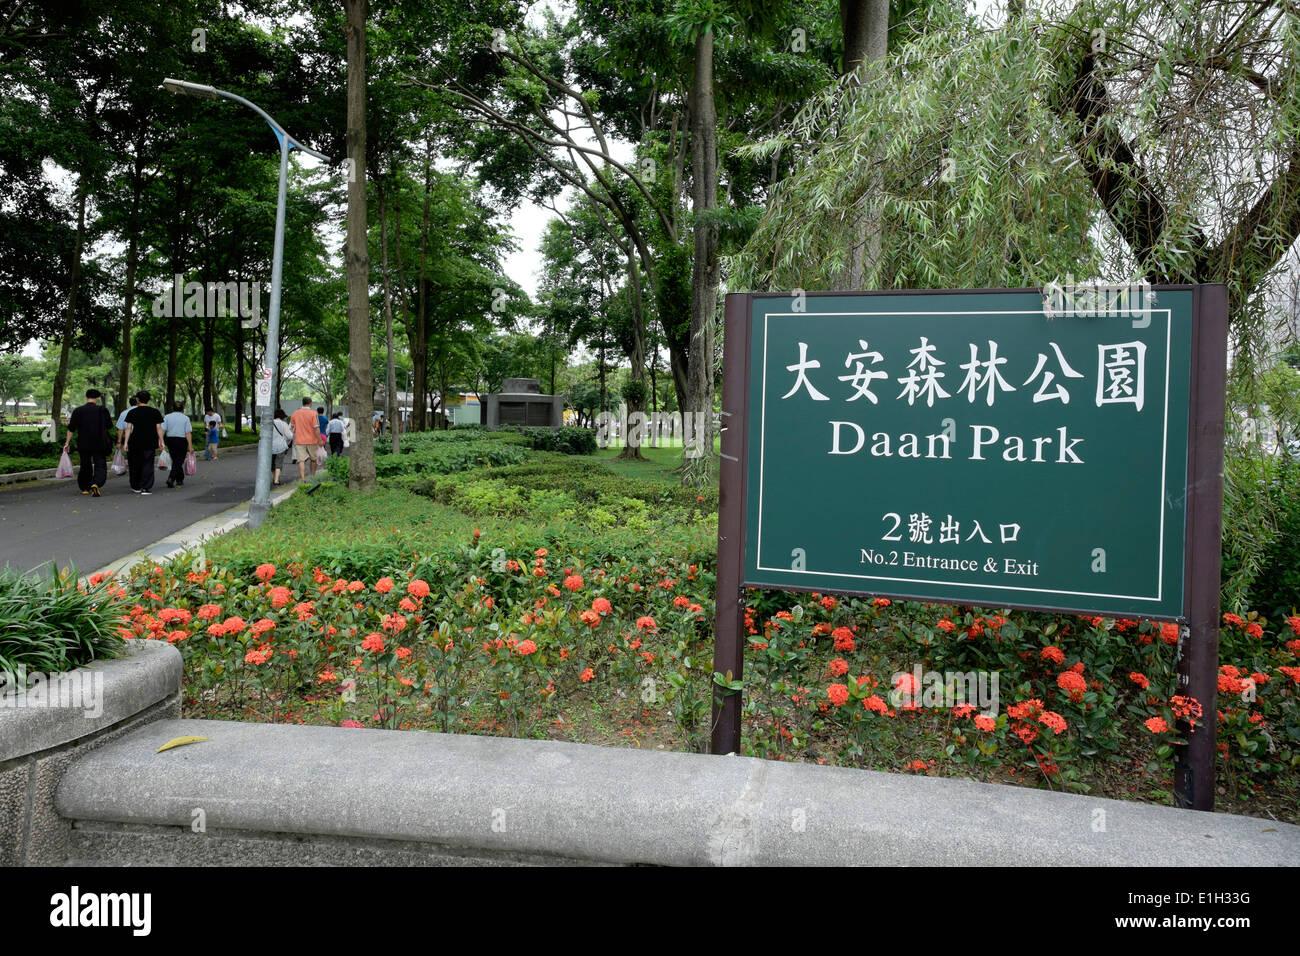 Daan Park, Taipei, Taiwan. Stock Photo